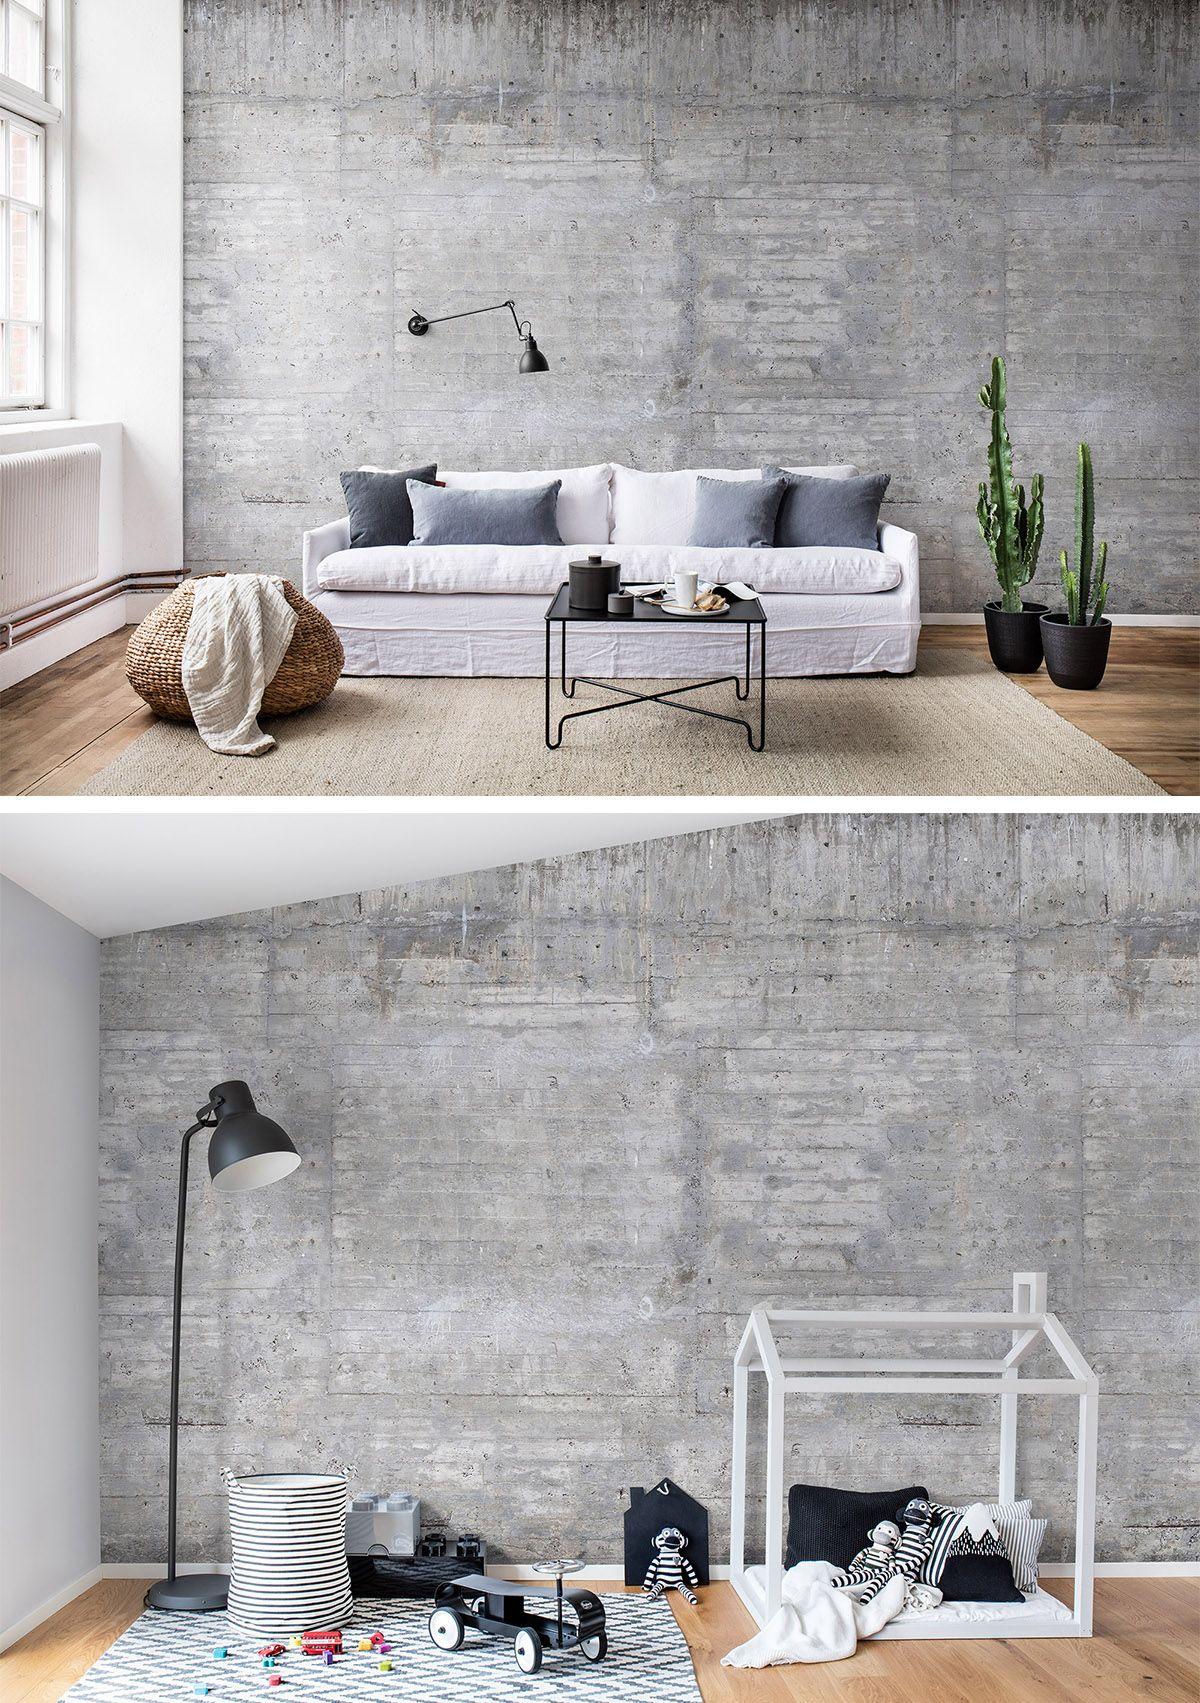 Full Size of Tapeten 2020 Wohnzimmer Moderne Trends Tapetentrends Wooden Concrete In Wandgestaltung Tapete Relaxliege Liege Vorhang Hängelampe Led Deckenleuchte Vinylboden Wohnzimmer Tapeten 2020 Wohnzimmer